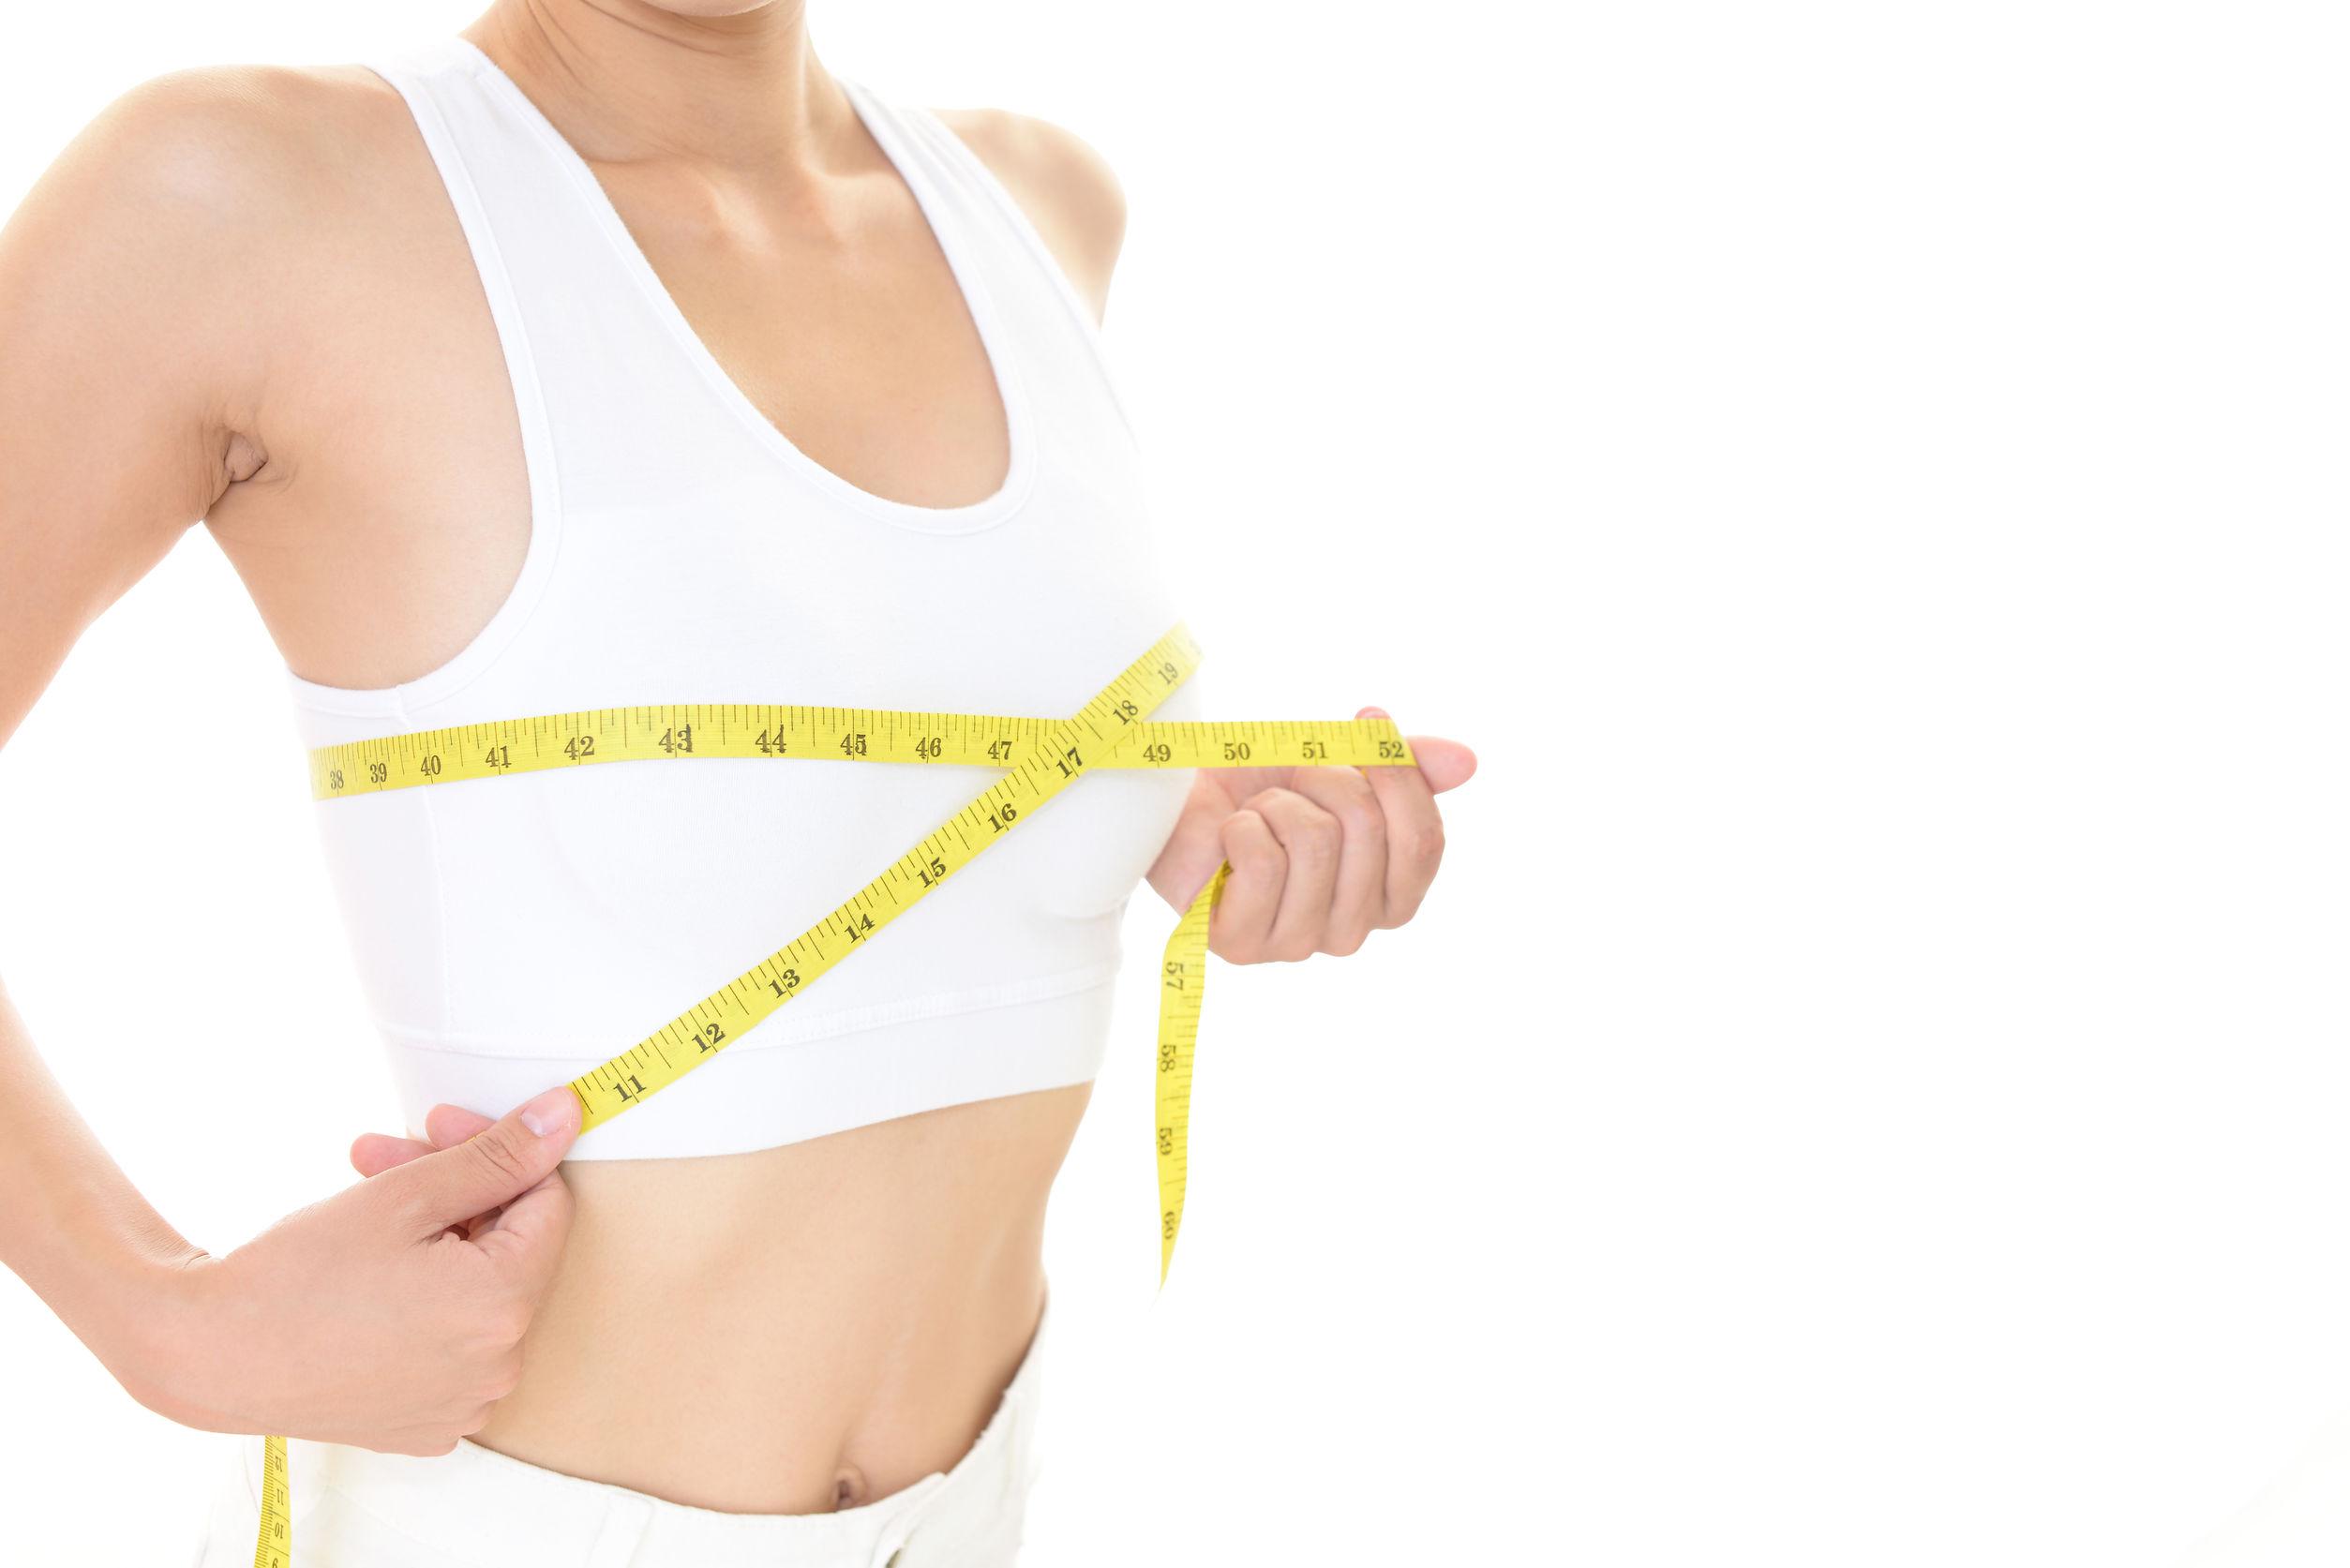 胸を小さくせずに痩せる方法